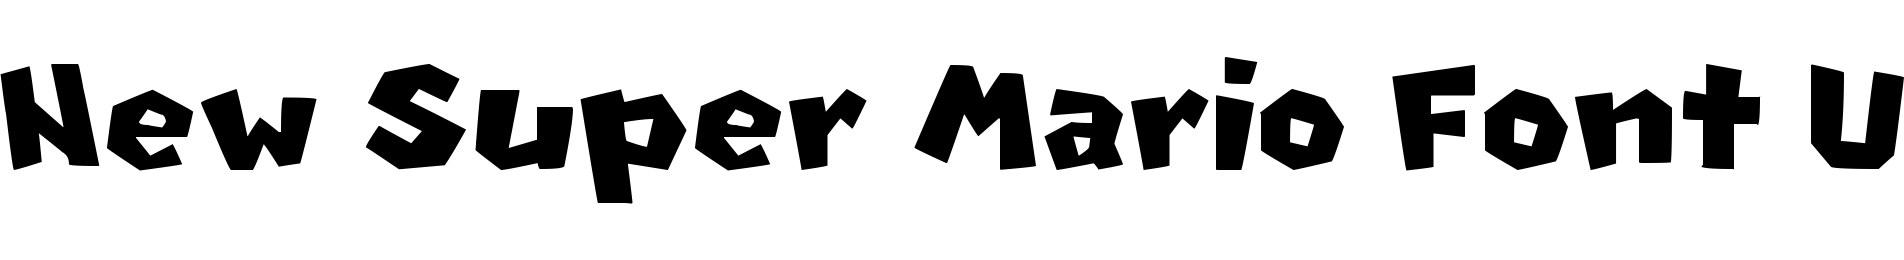 New Super Mario Font U